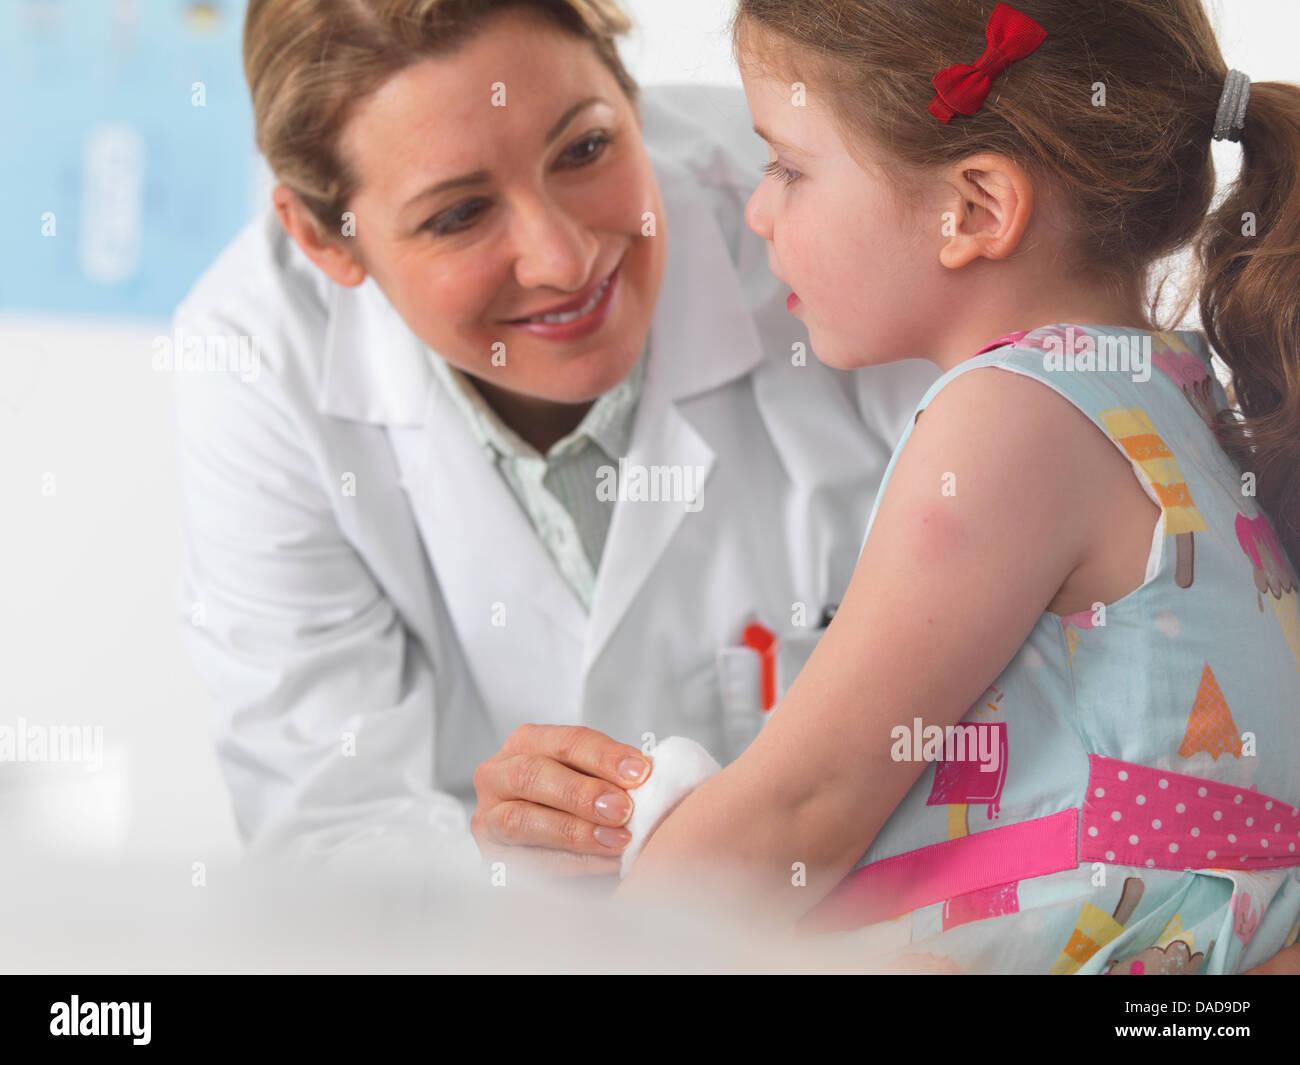 Pädiatrische Arzt Pflege für ein kleines Mädchen in der Chirurgie Stockbild